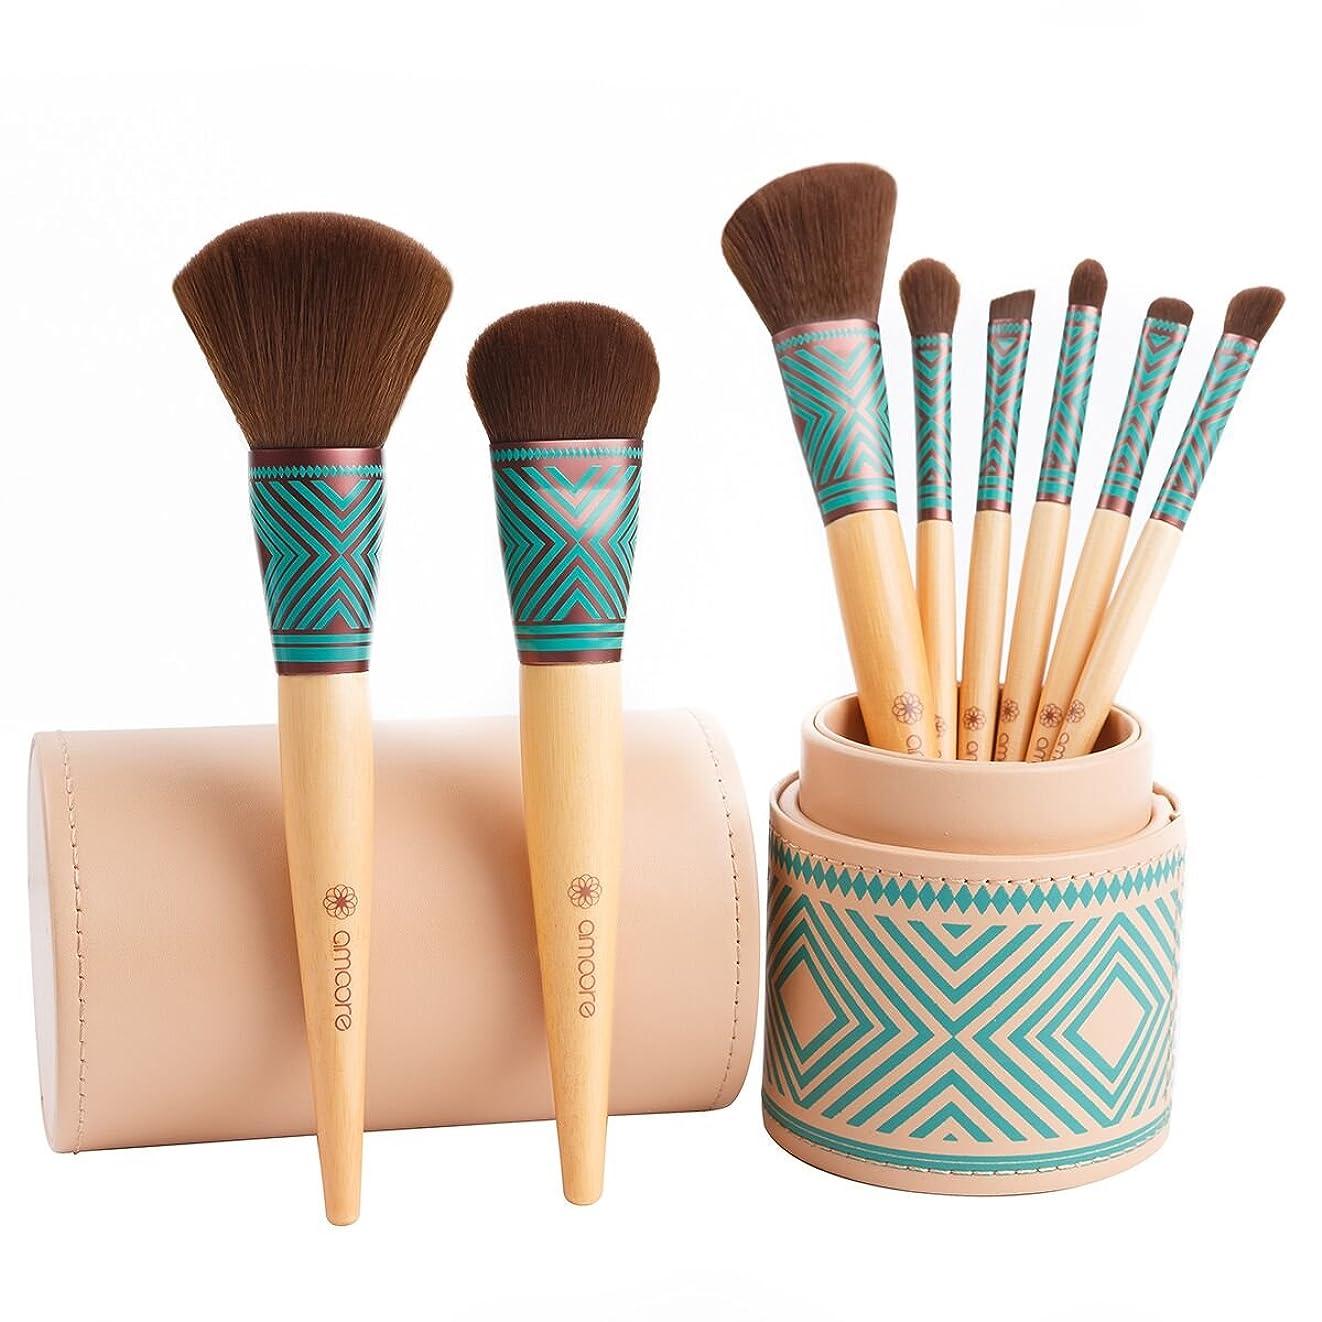 書士窒息させるベギンamoore 8本 化粧筆 メイクブラシセット 化粧ブラシ セット コスメ ブラシ 収納ケース付き